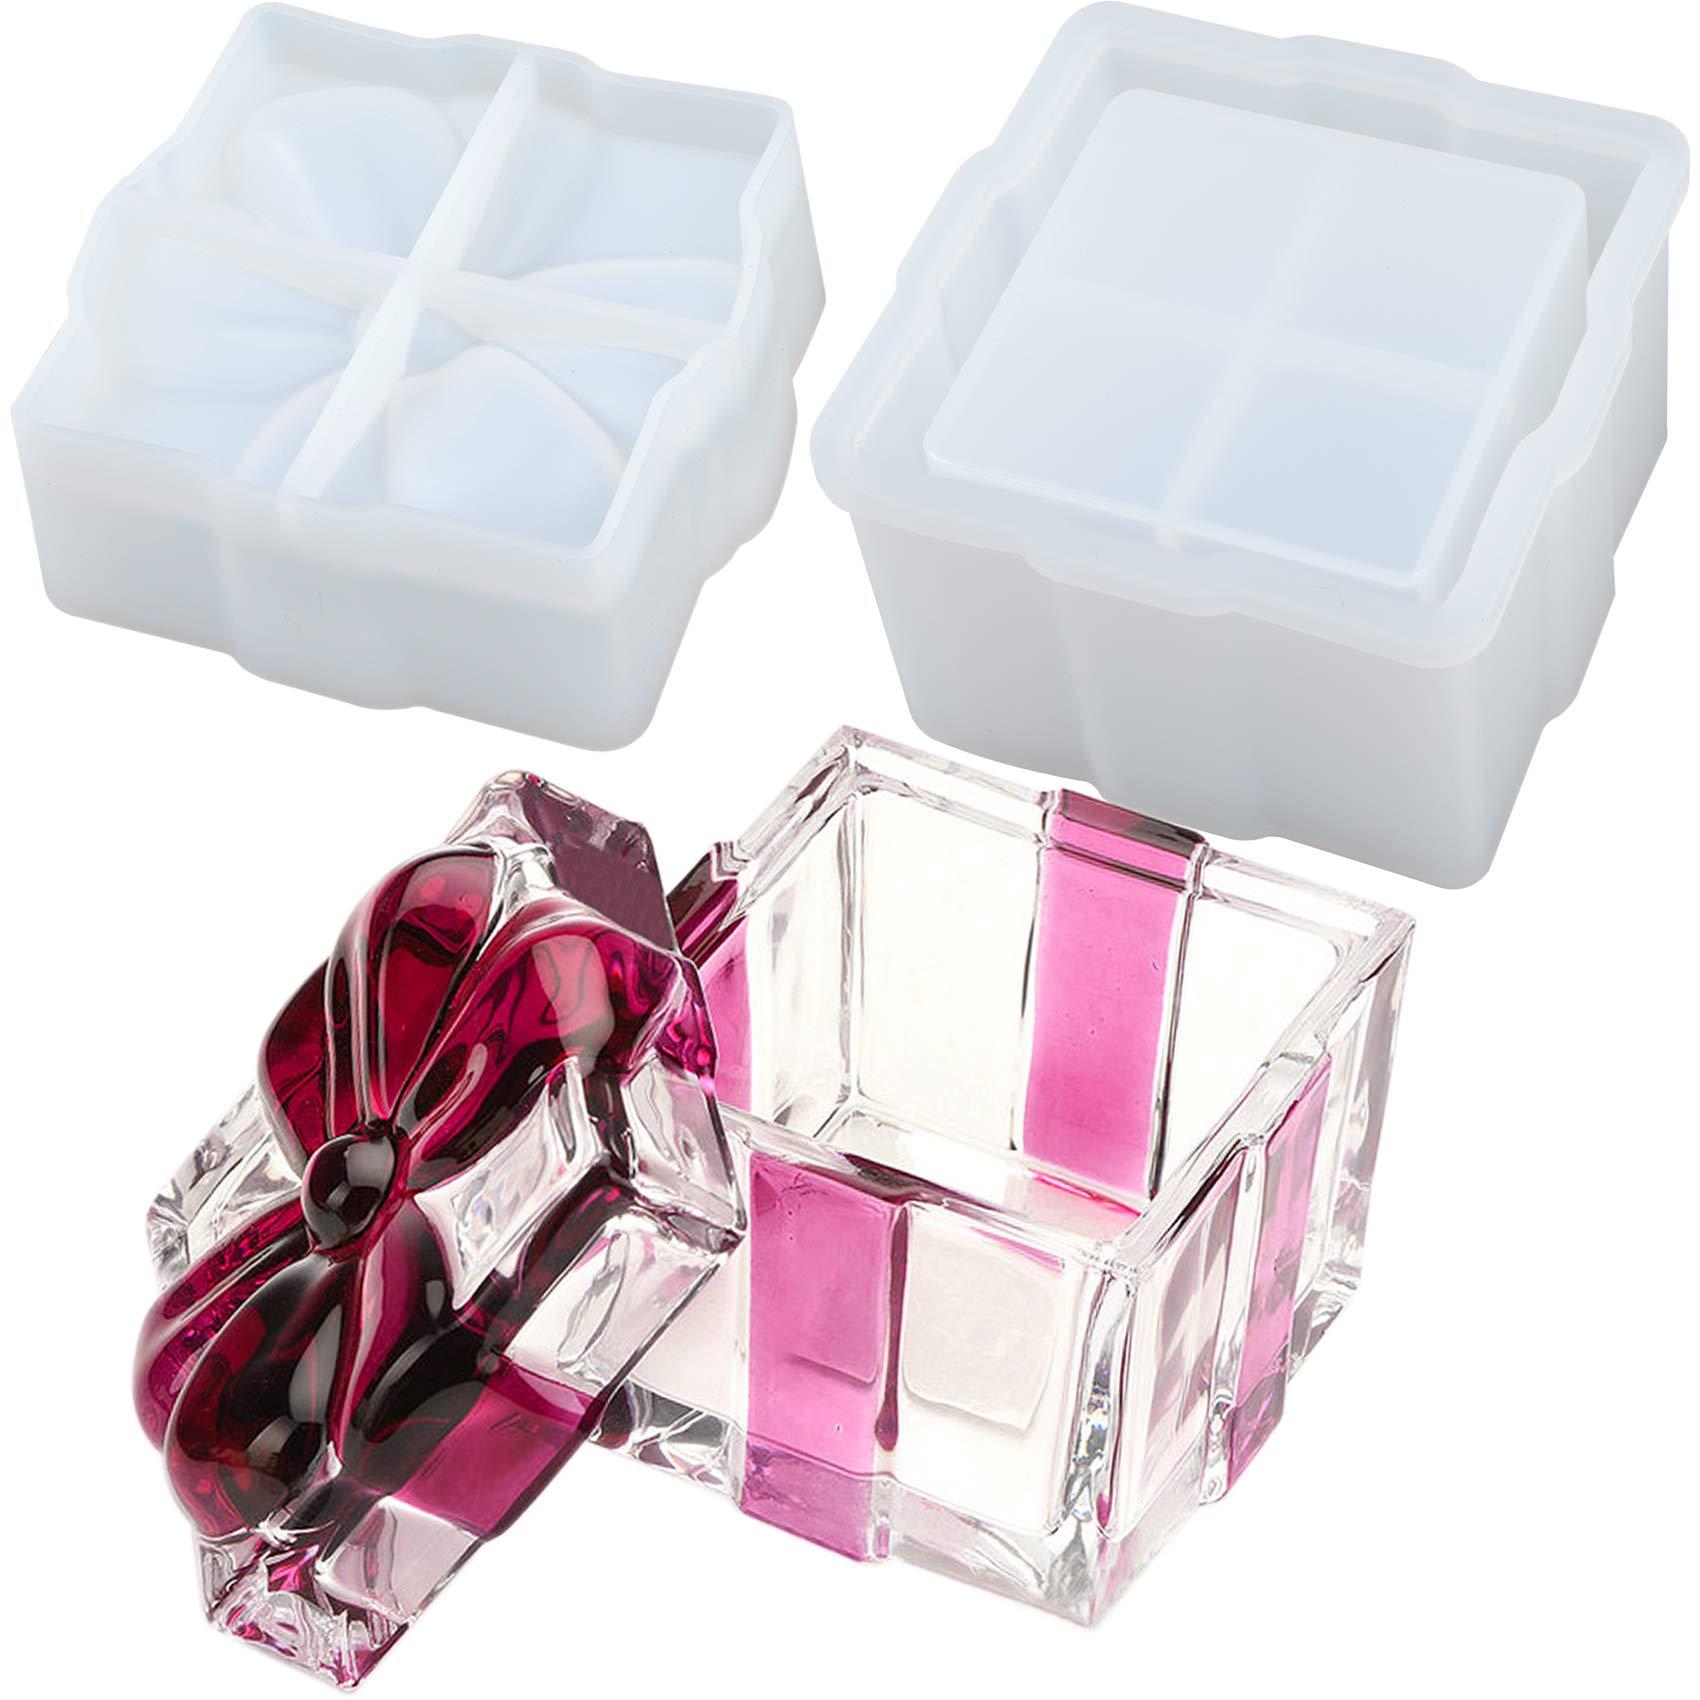 Musykrafties Caja de regalo cuadrada de resina con tapa para cemento de cemento de arcilla polimérica, caja de almacenamiento de joyas, candelabros, cenicero: Amazon.es: Hogar